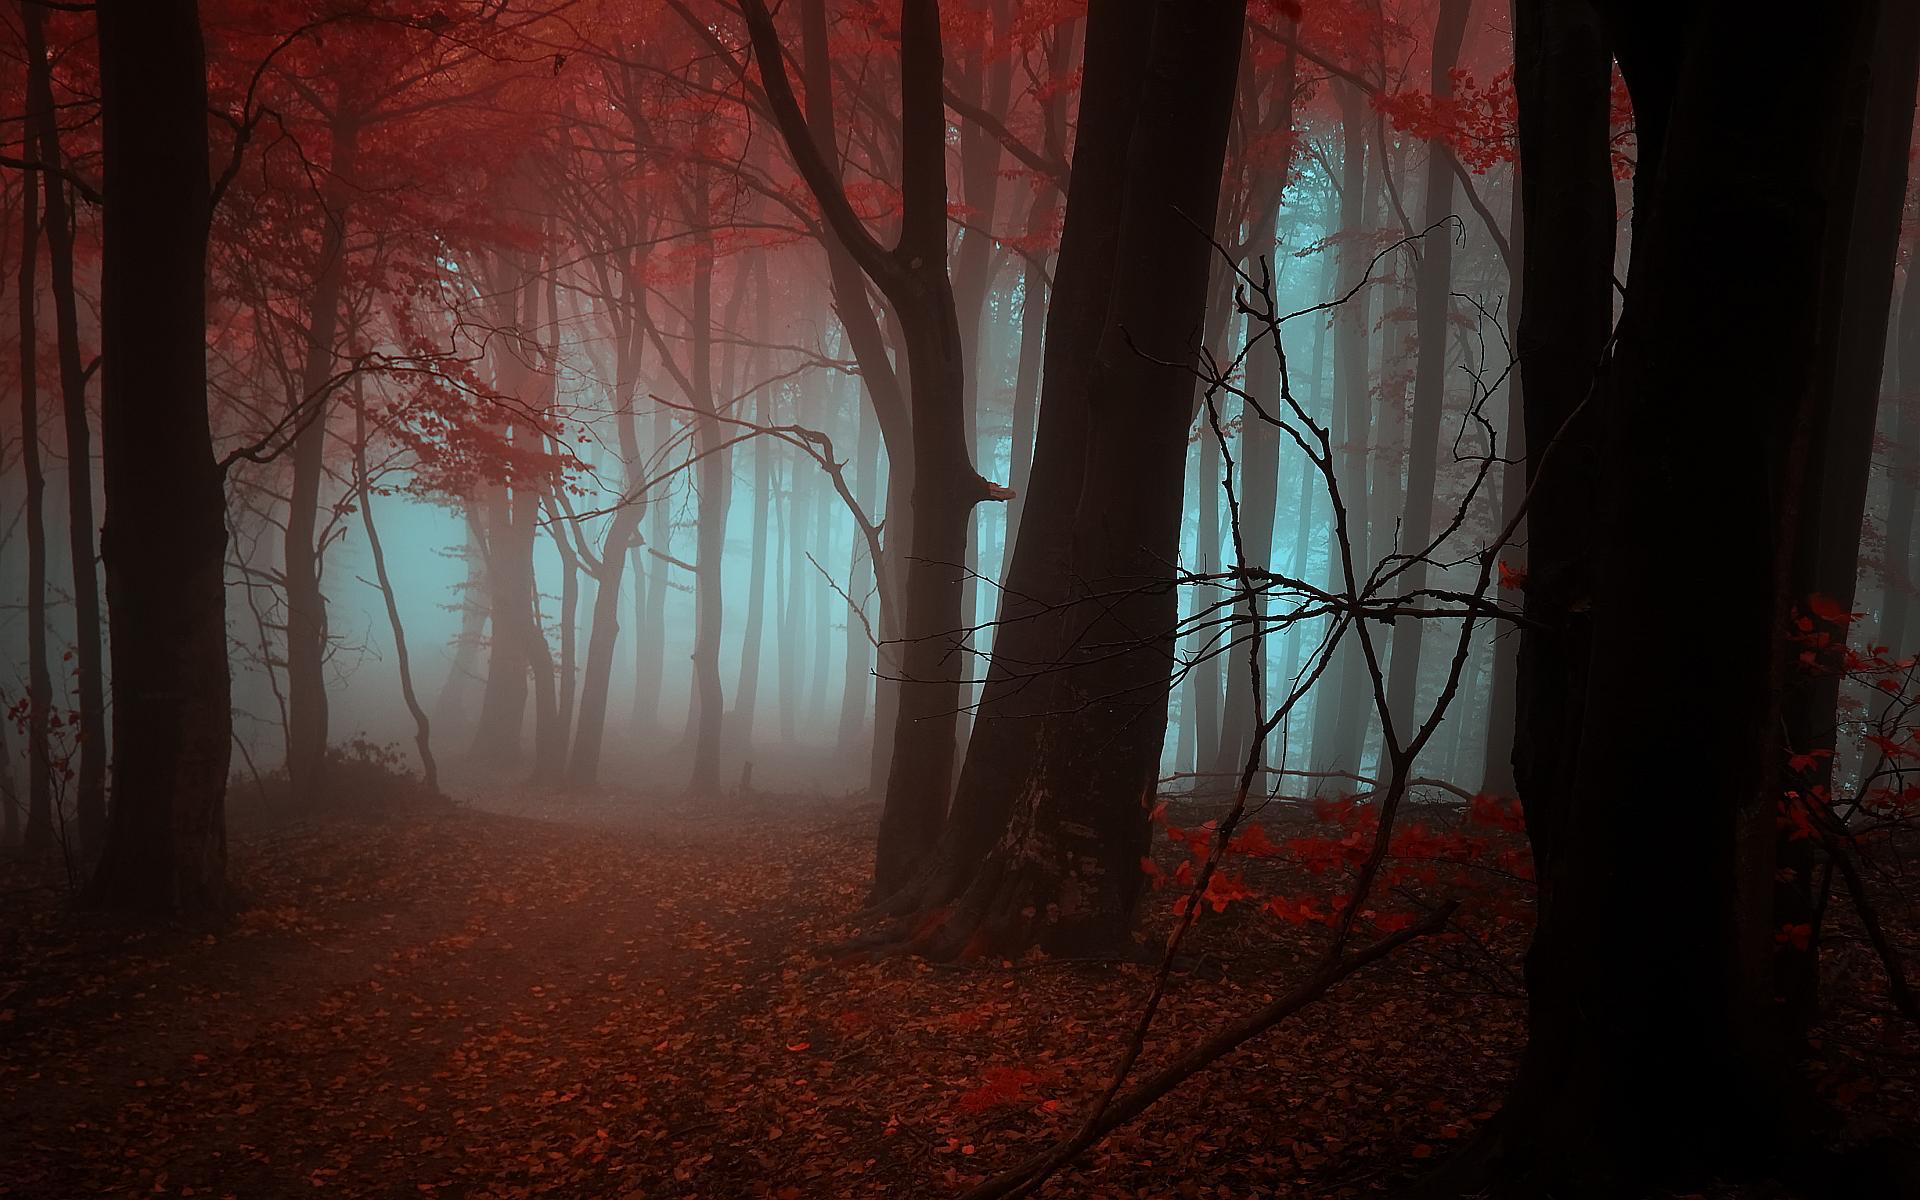 mystic hd desktop wallpaper - photo #13